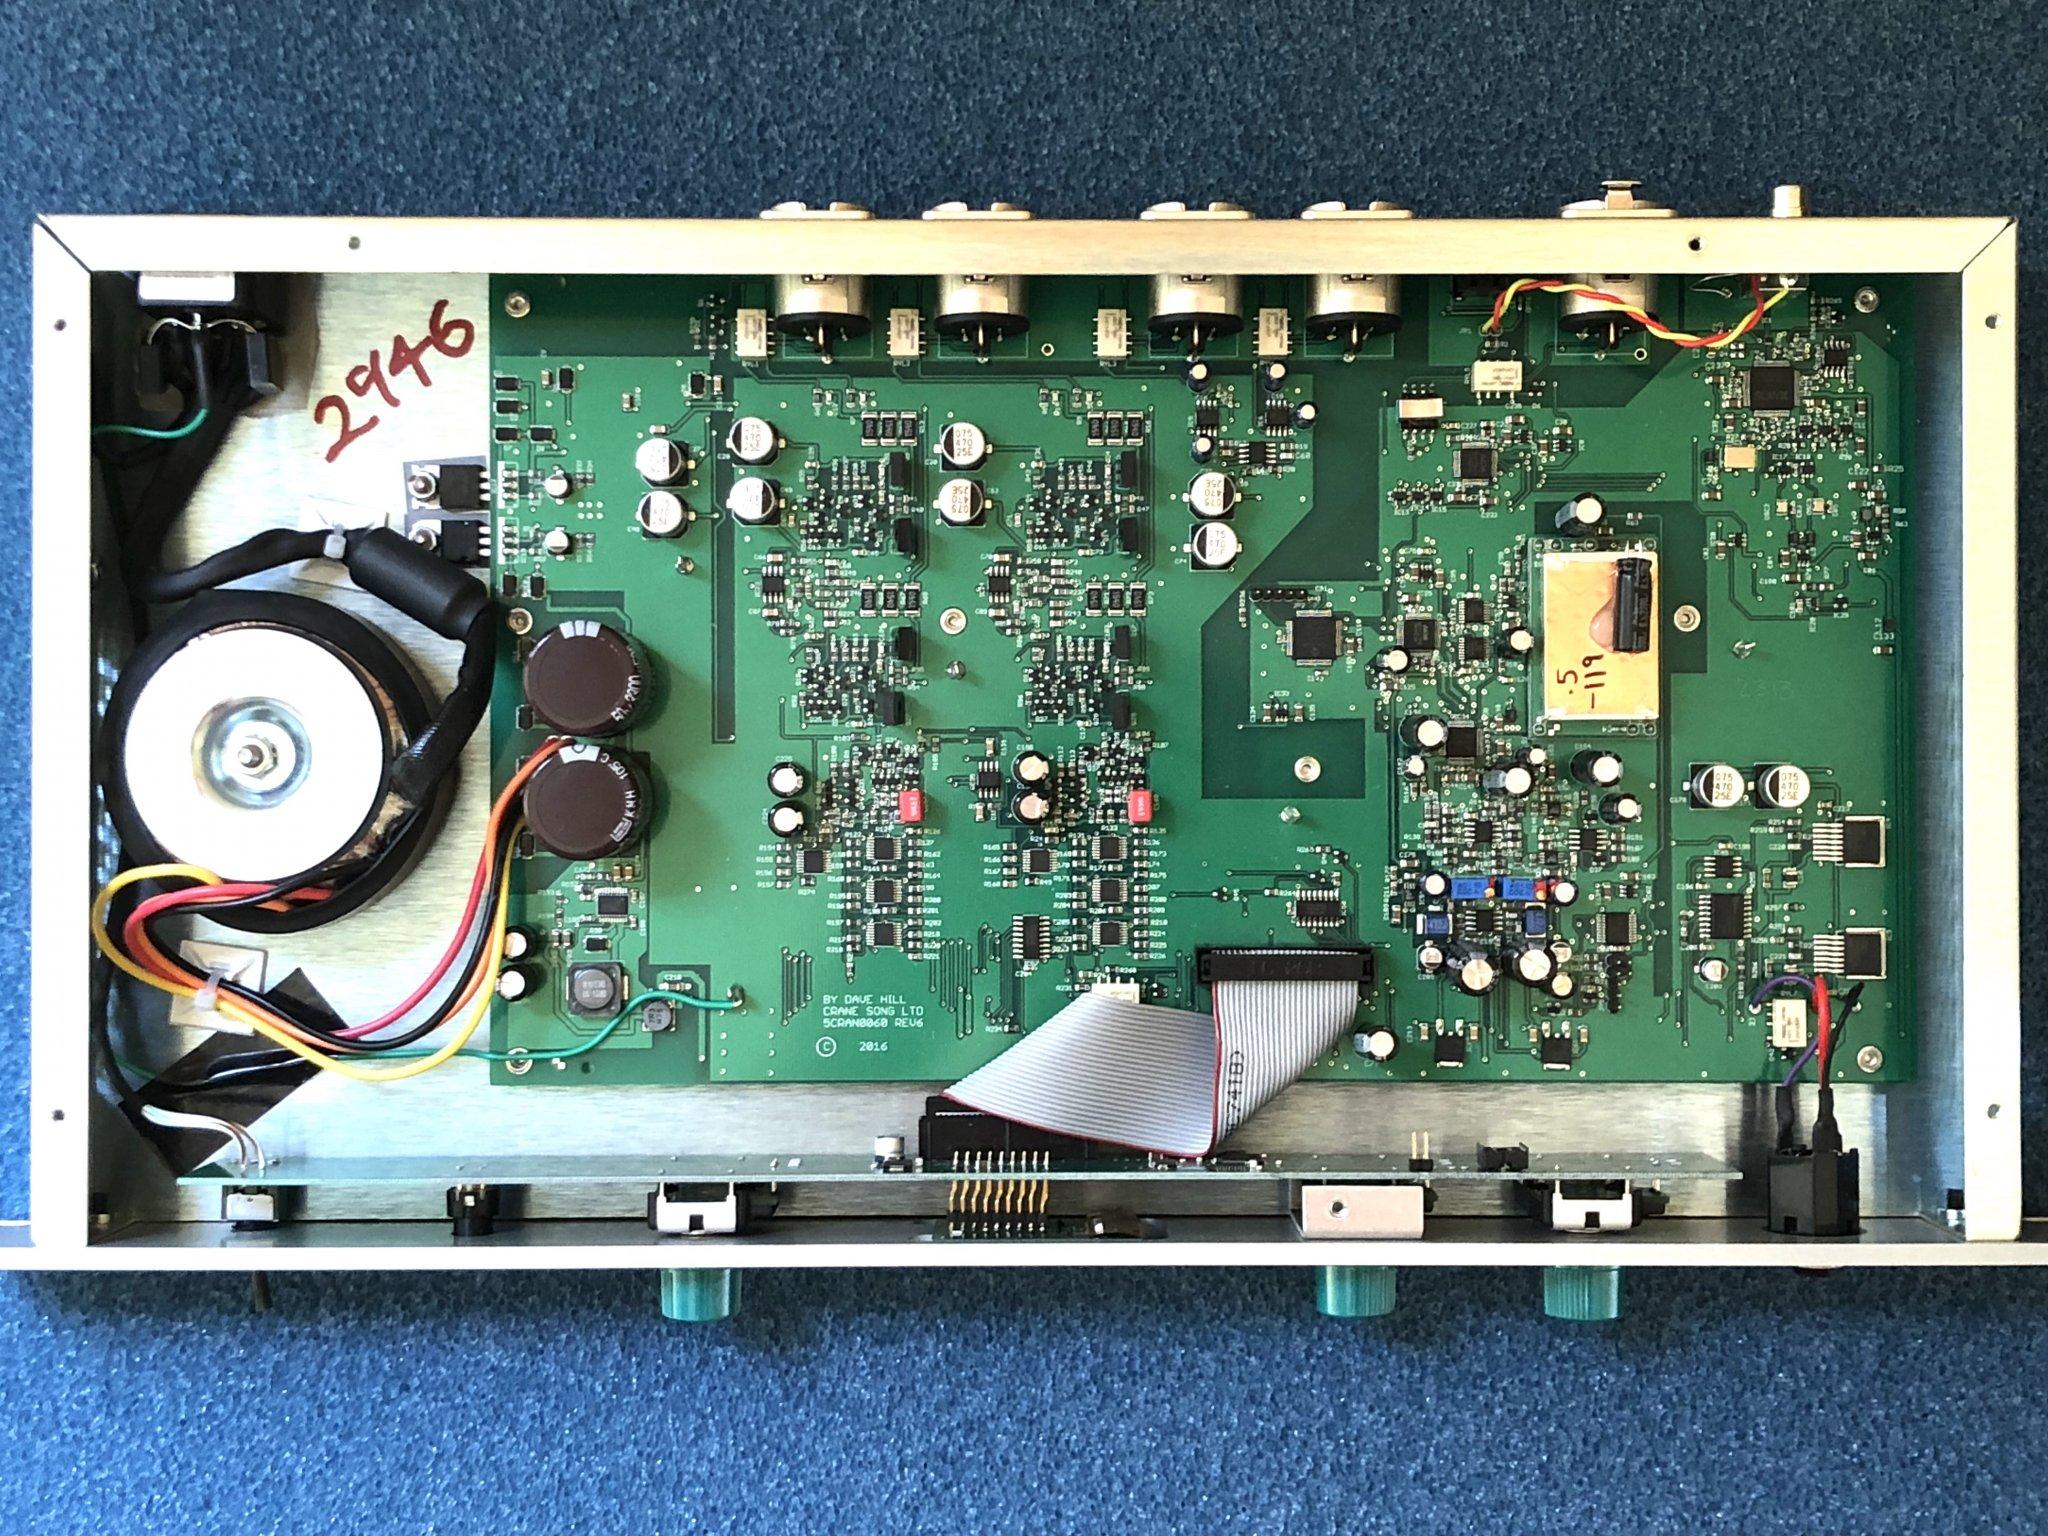 340FC9E3-6CE4-4DCC-B207-83B98F91D4FE.jpeg